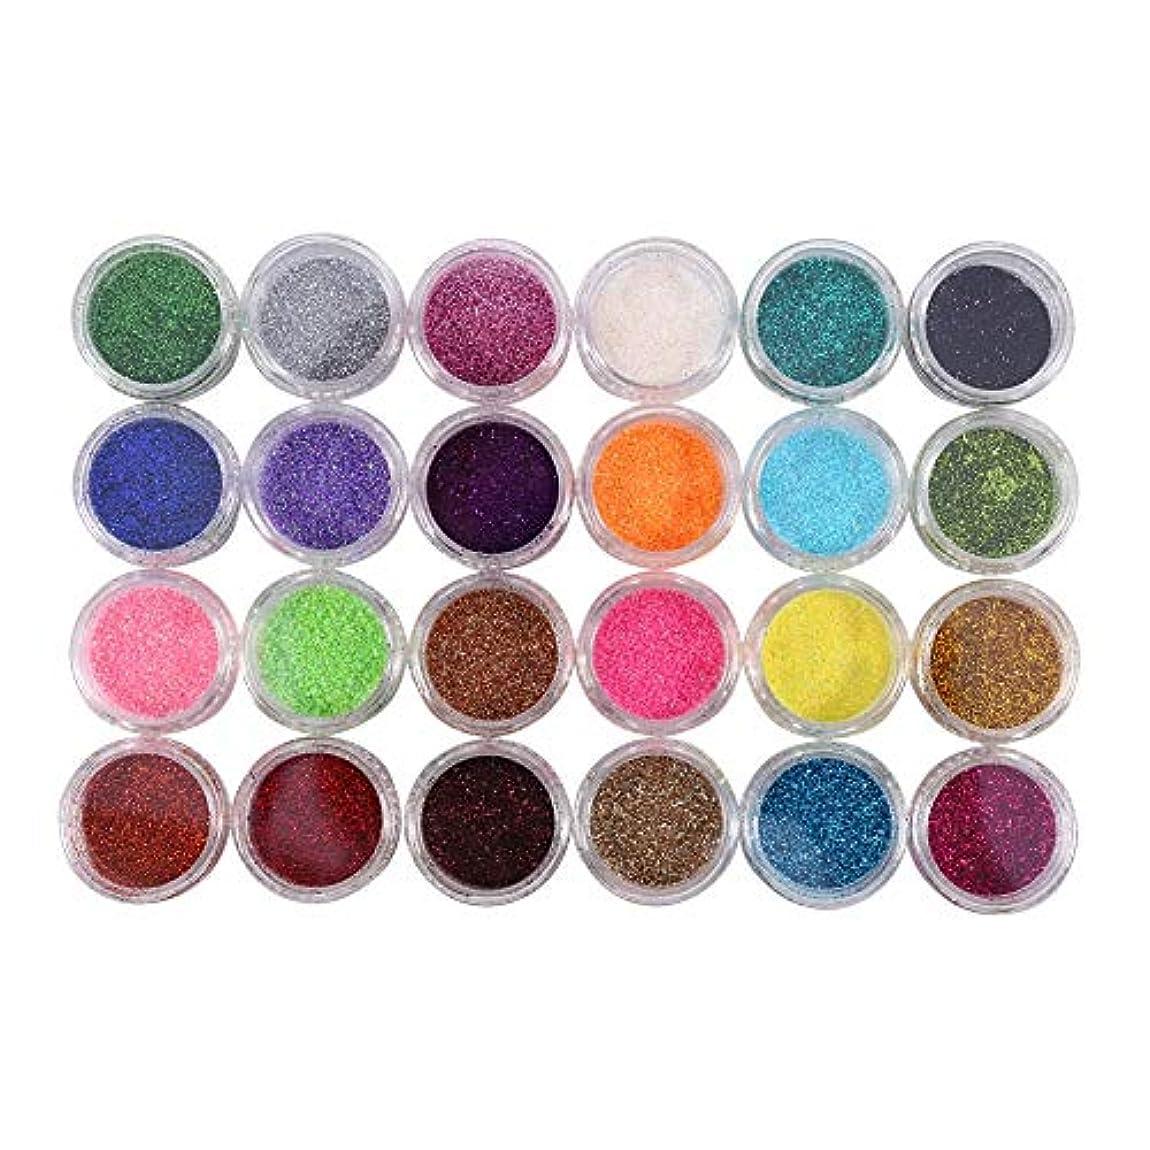 製造億以来24色キラキラパウダーネイルアートデコレーションキット